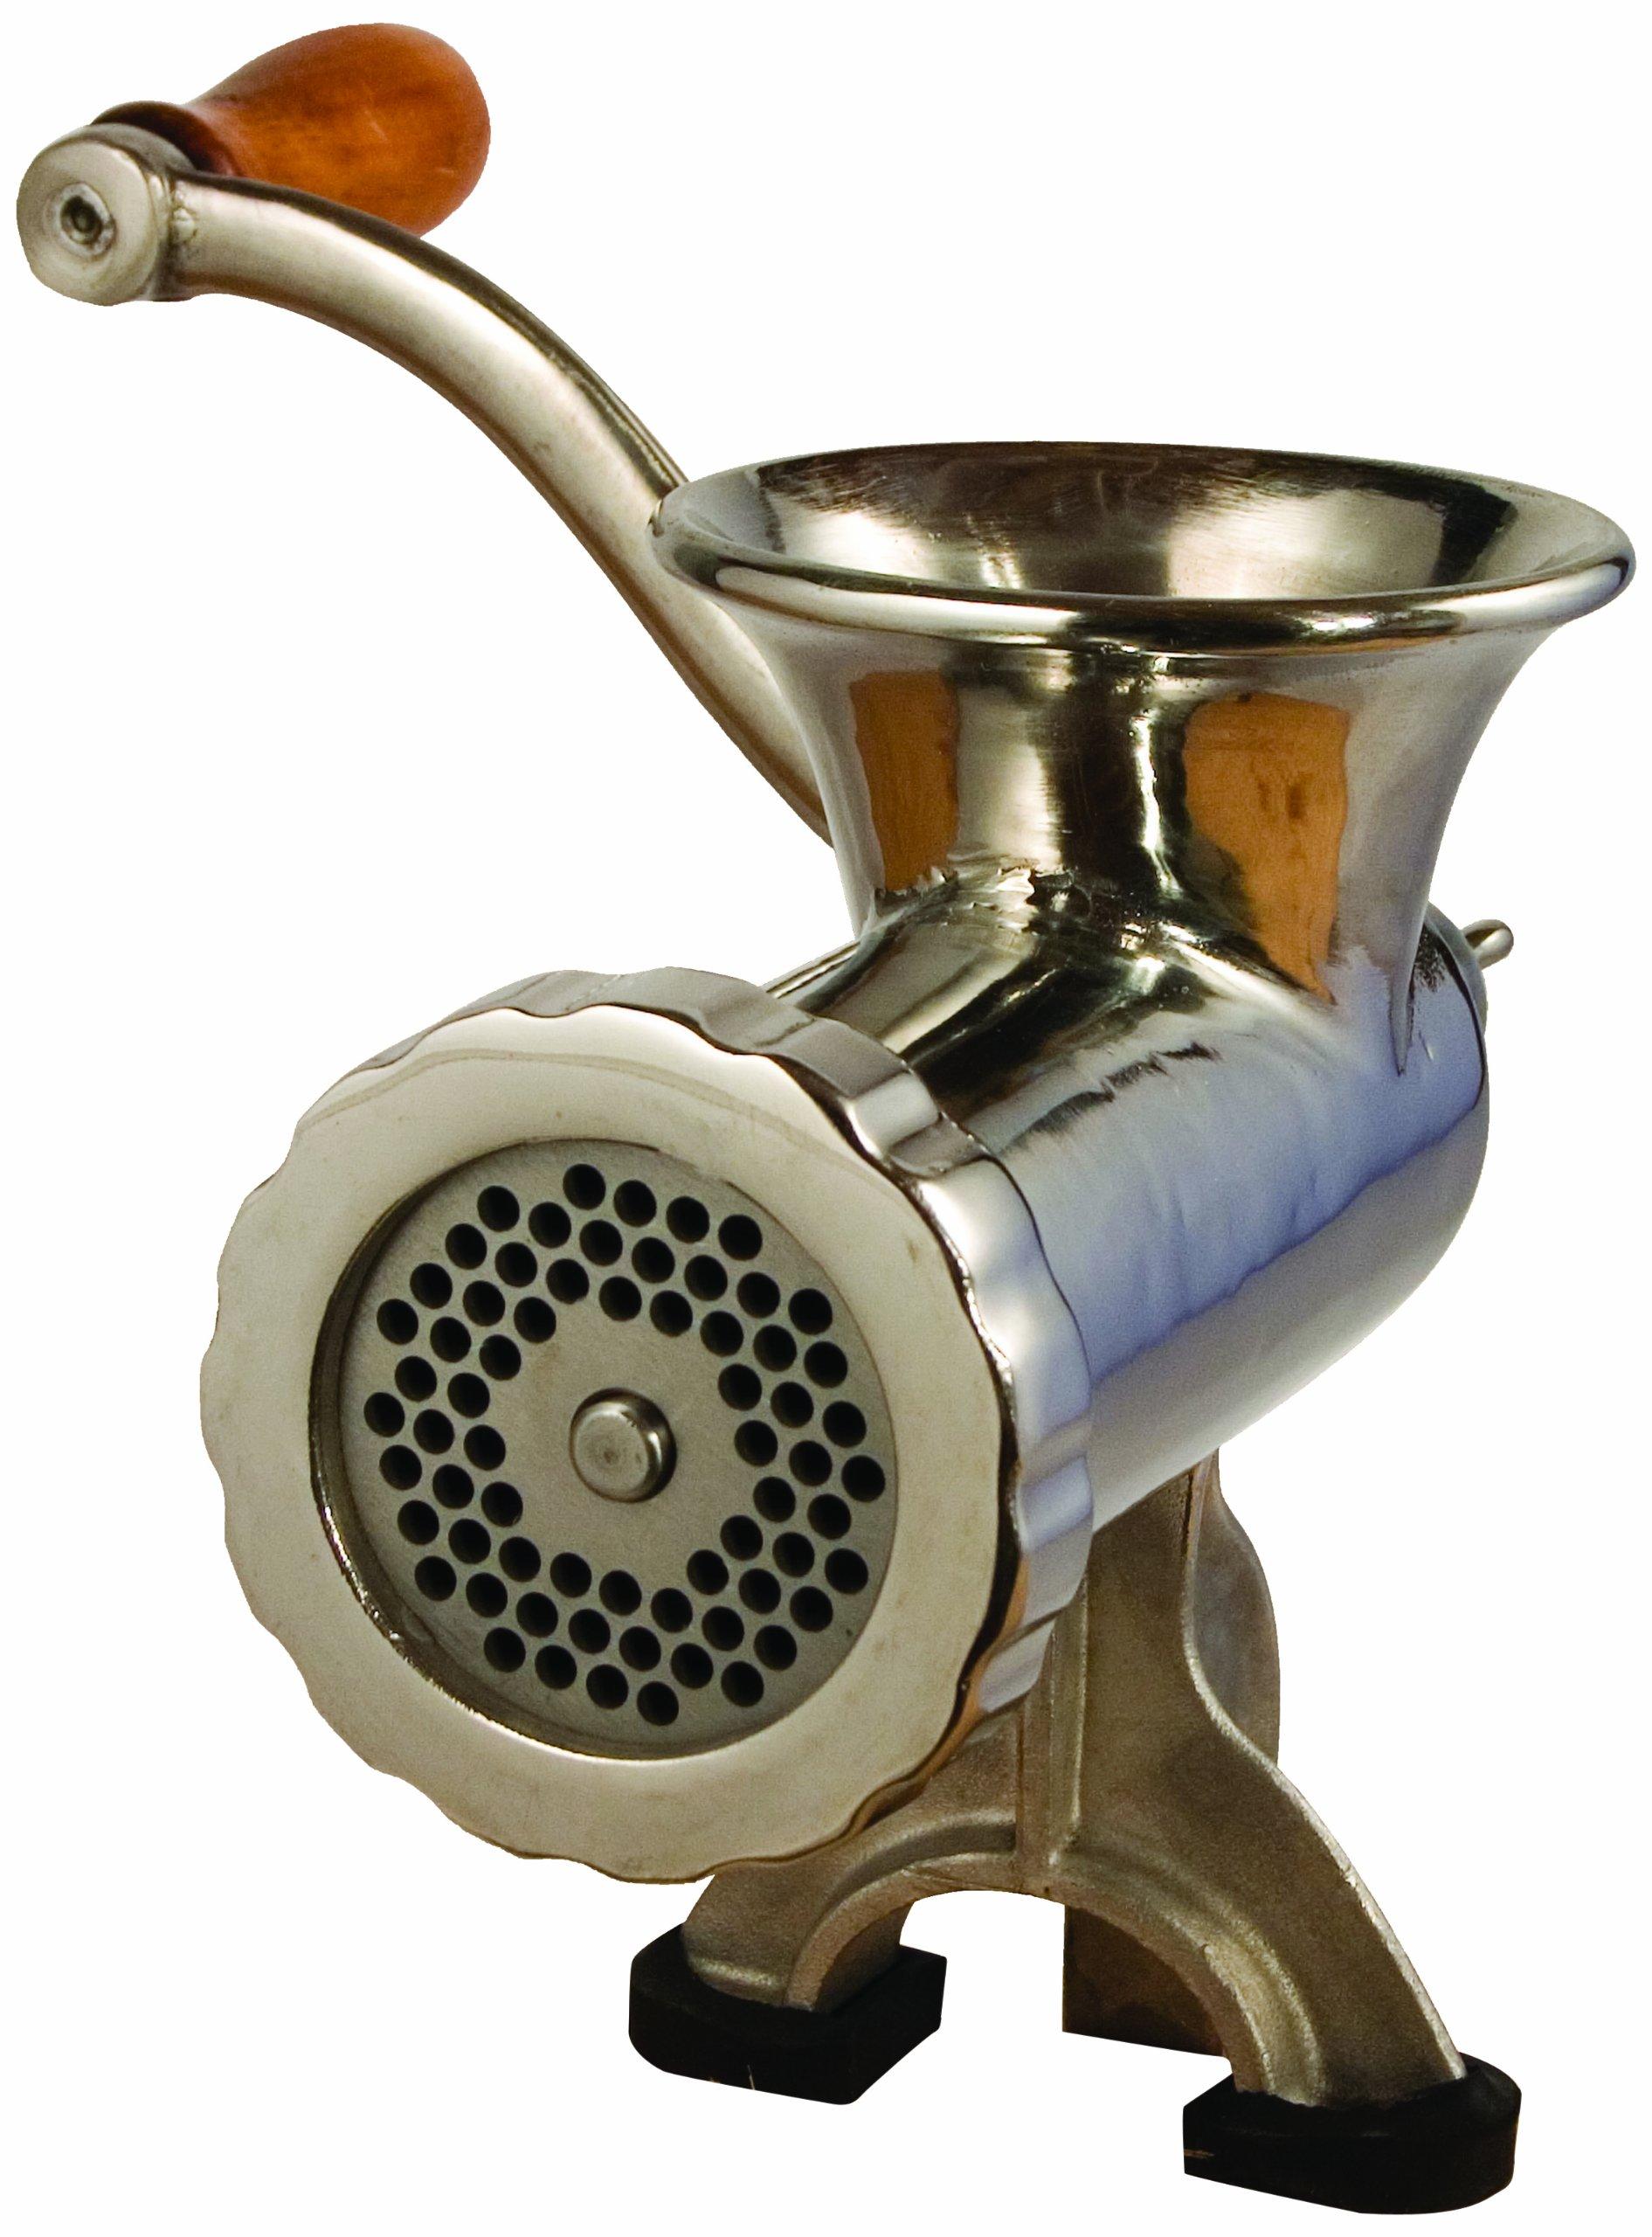 Lem hand meat grinder